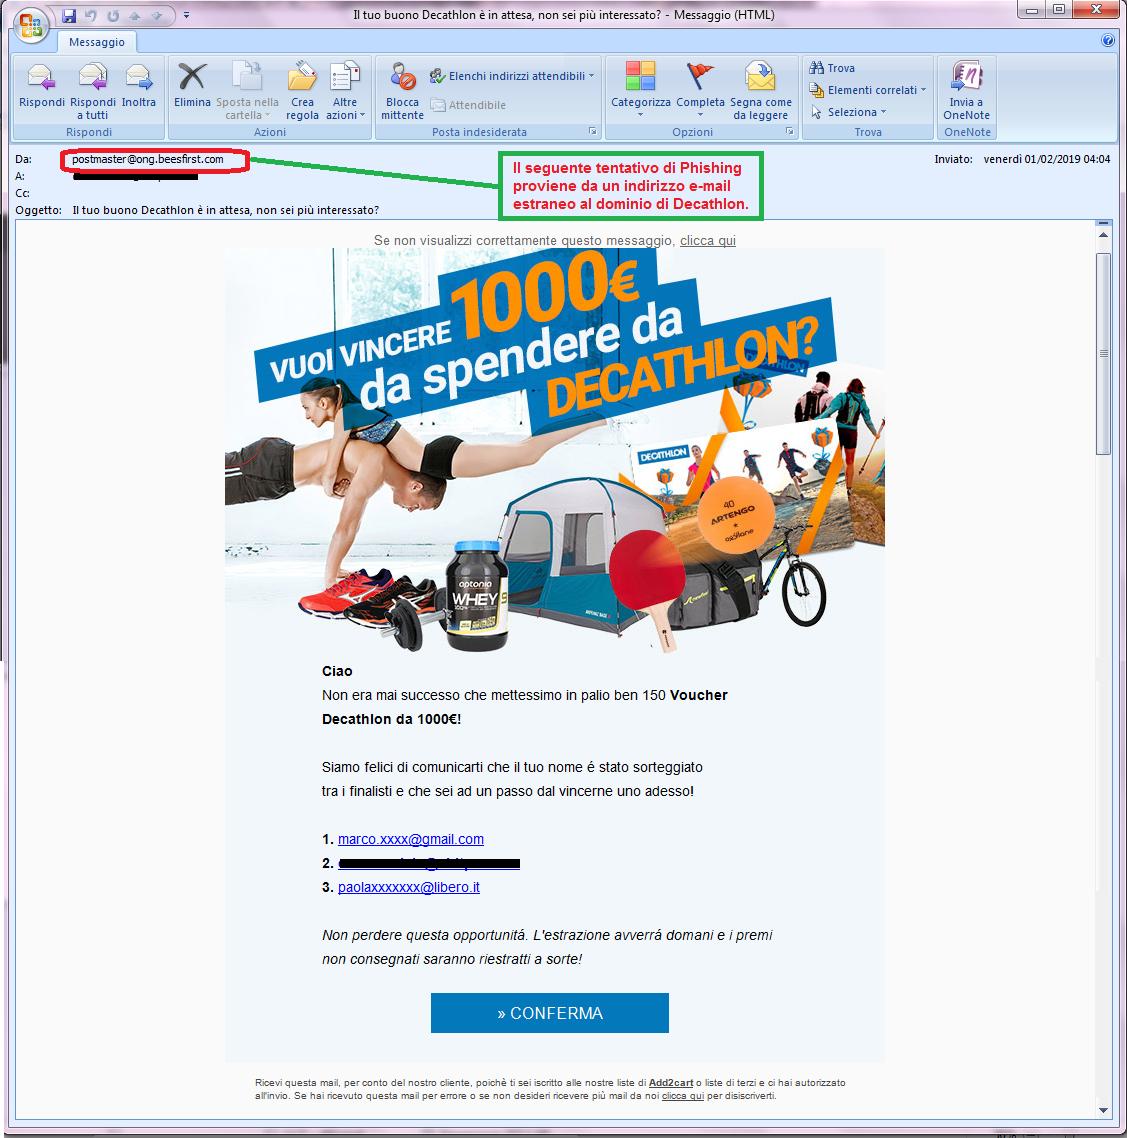 Clicca per ingrandire l'immagine della falsa e-mail di DECATHLON che offre la possibilità di vincere un voucher del valore di 1000 Euro ma che in realtà è una TRUFFA!